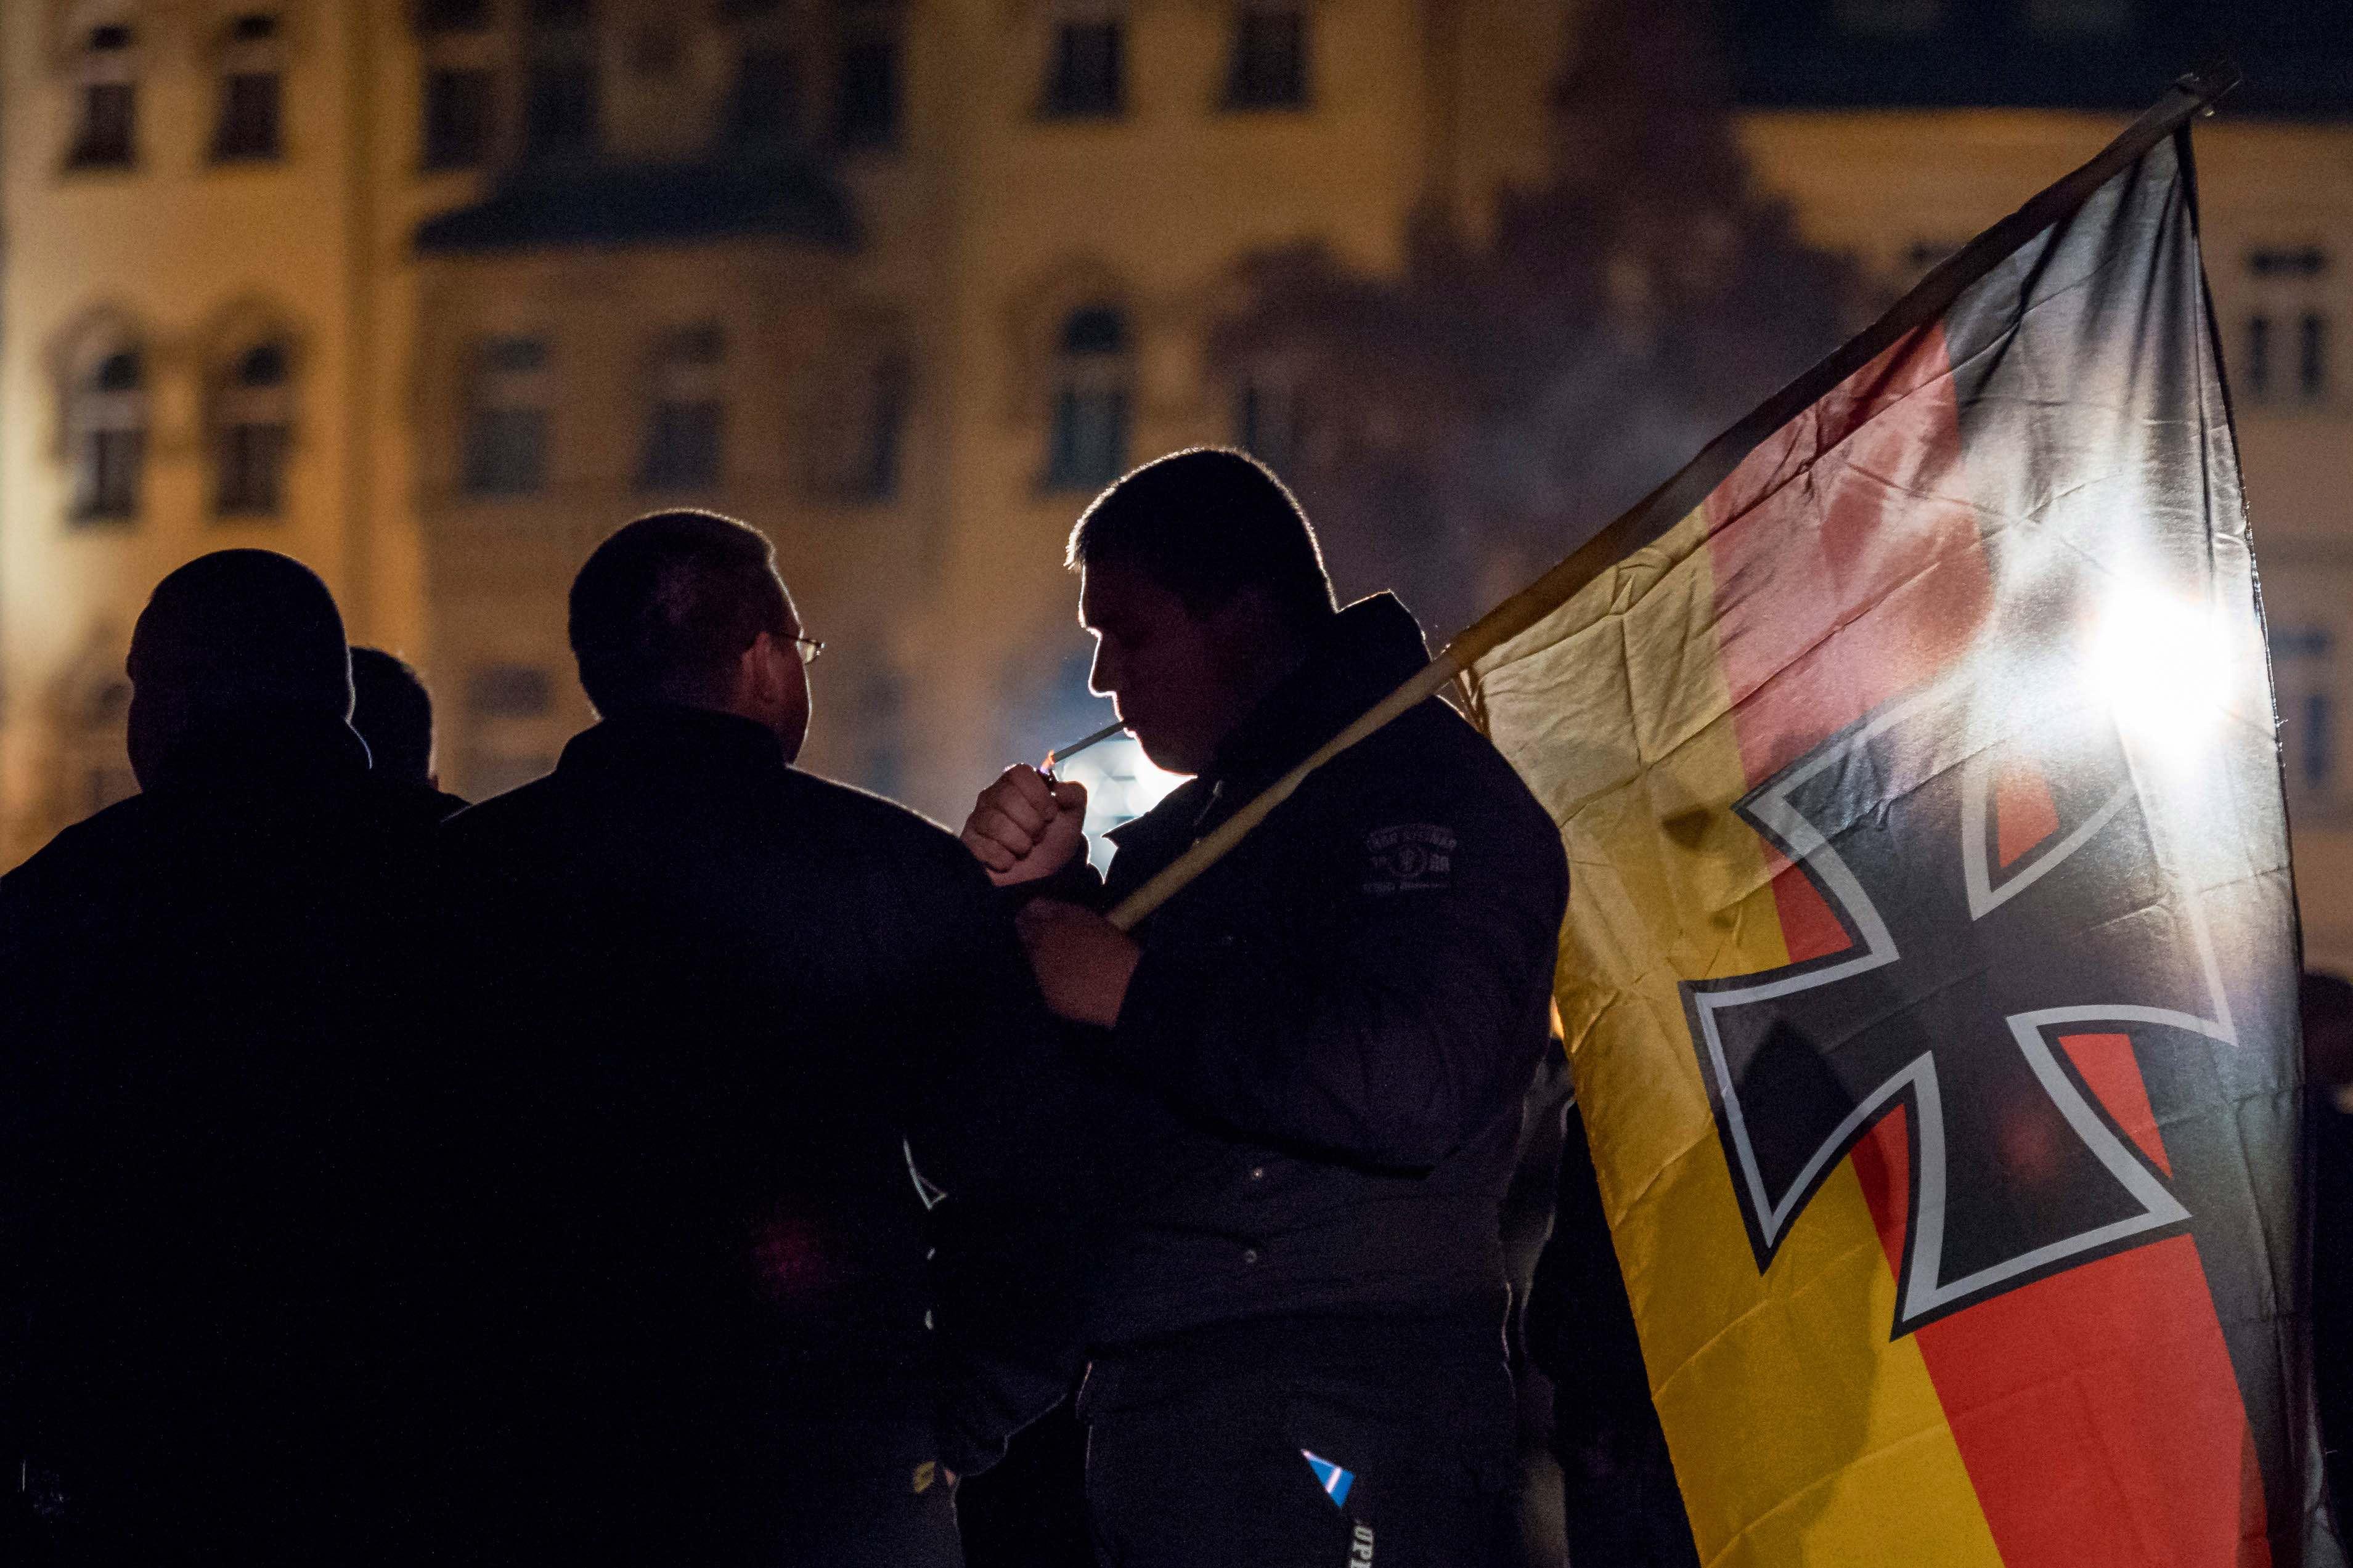 La extrema derecha en Europa y el creciente nacionalismo